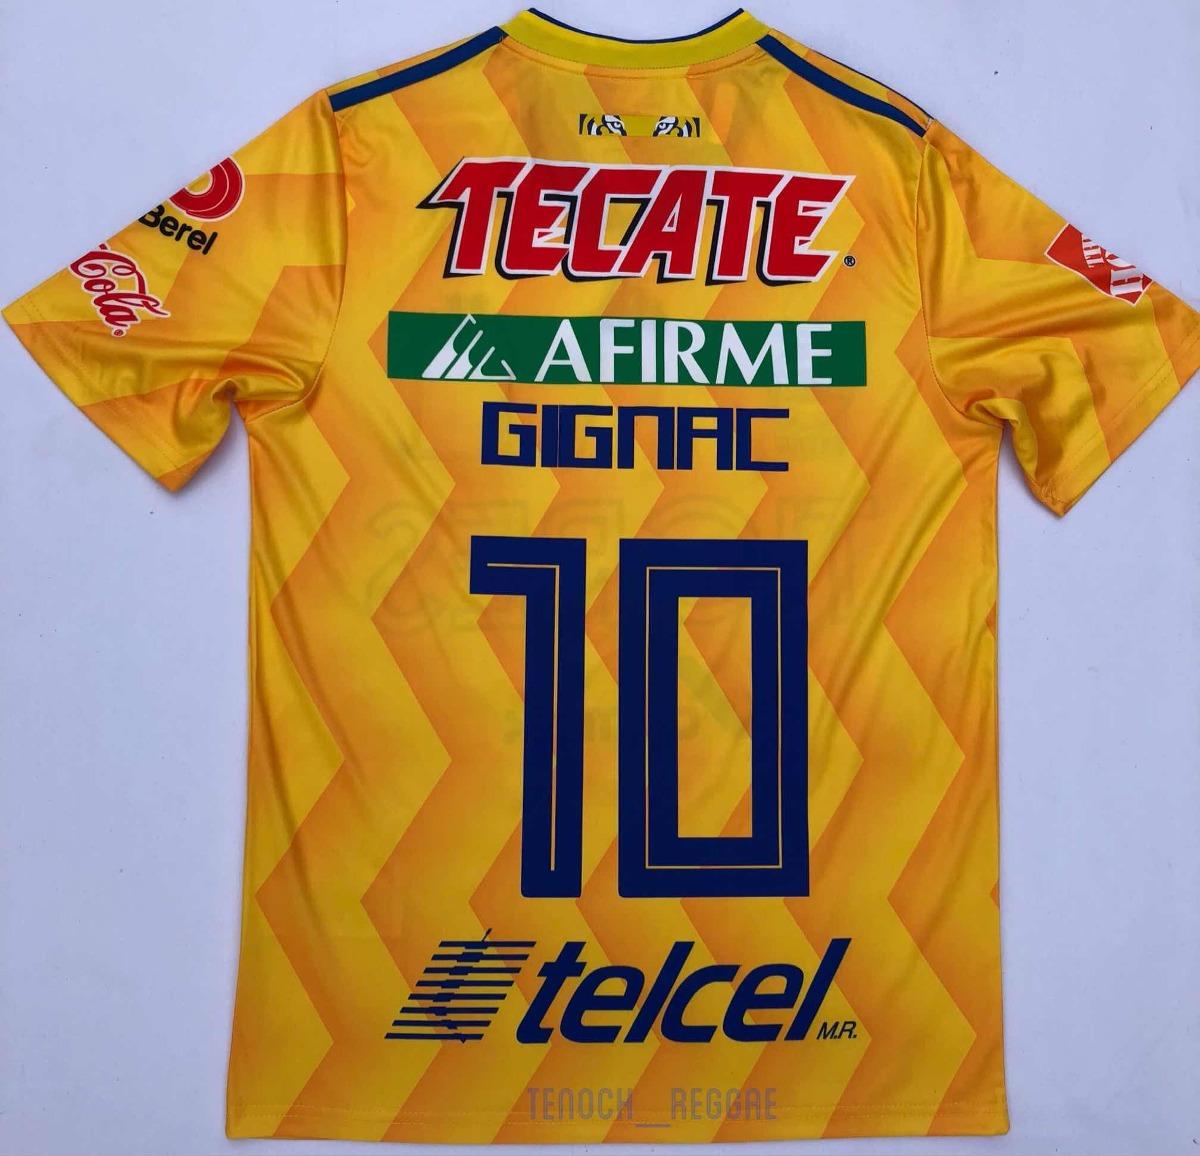 9f5bda6431ca9 Jersey Playera Tigres Uanl Local A. Gignac 2018 2019 -   679.00 en ...